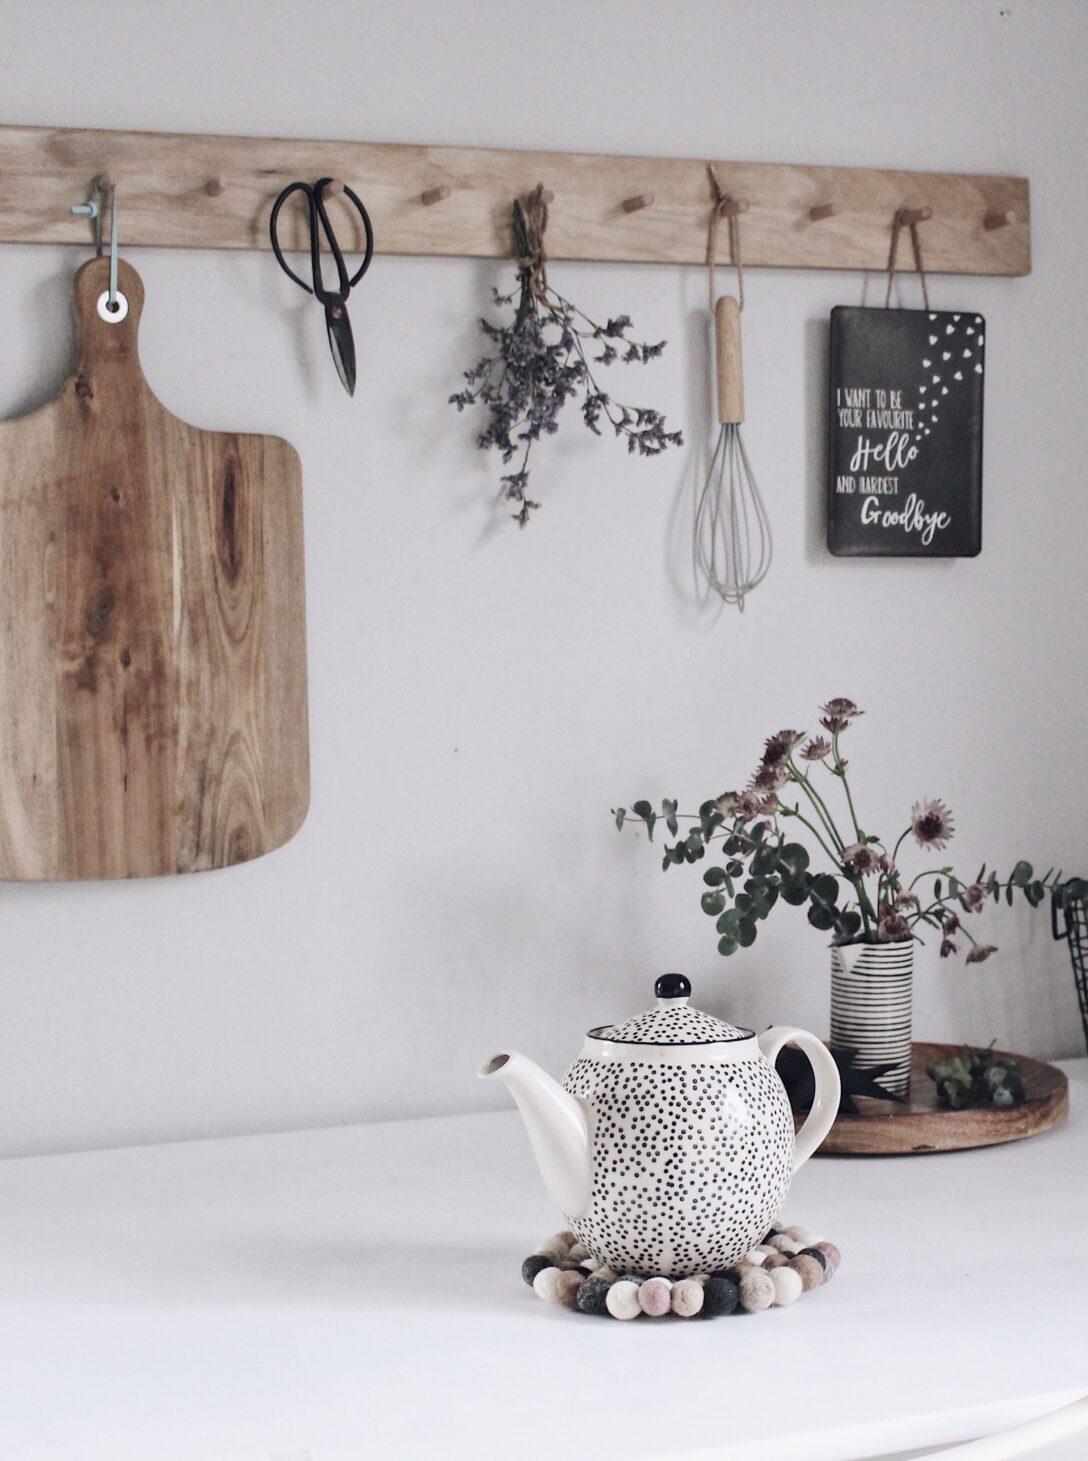 Large Size of Wandregal Holz Küche Singleküche Edelstahlküche Gebraucht Einbauküche Mit Elektrogeräten Sofa Holzfüßen Holztisch Garten Bodenbeläge Sideboard Billig Wohnzimmer Wandregal Holz Küche